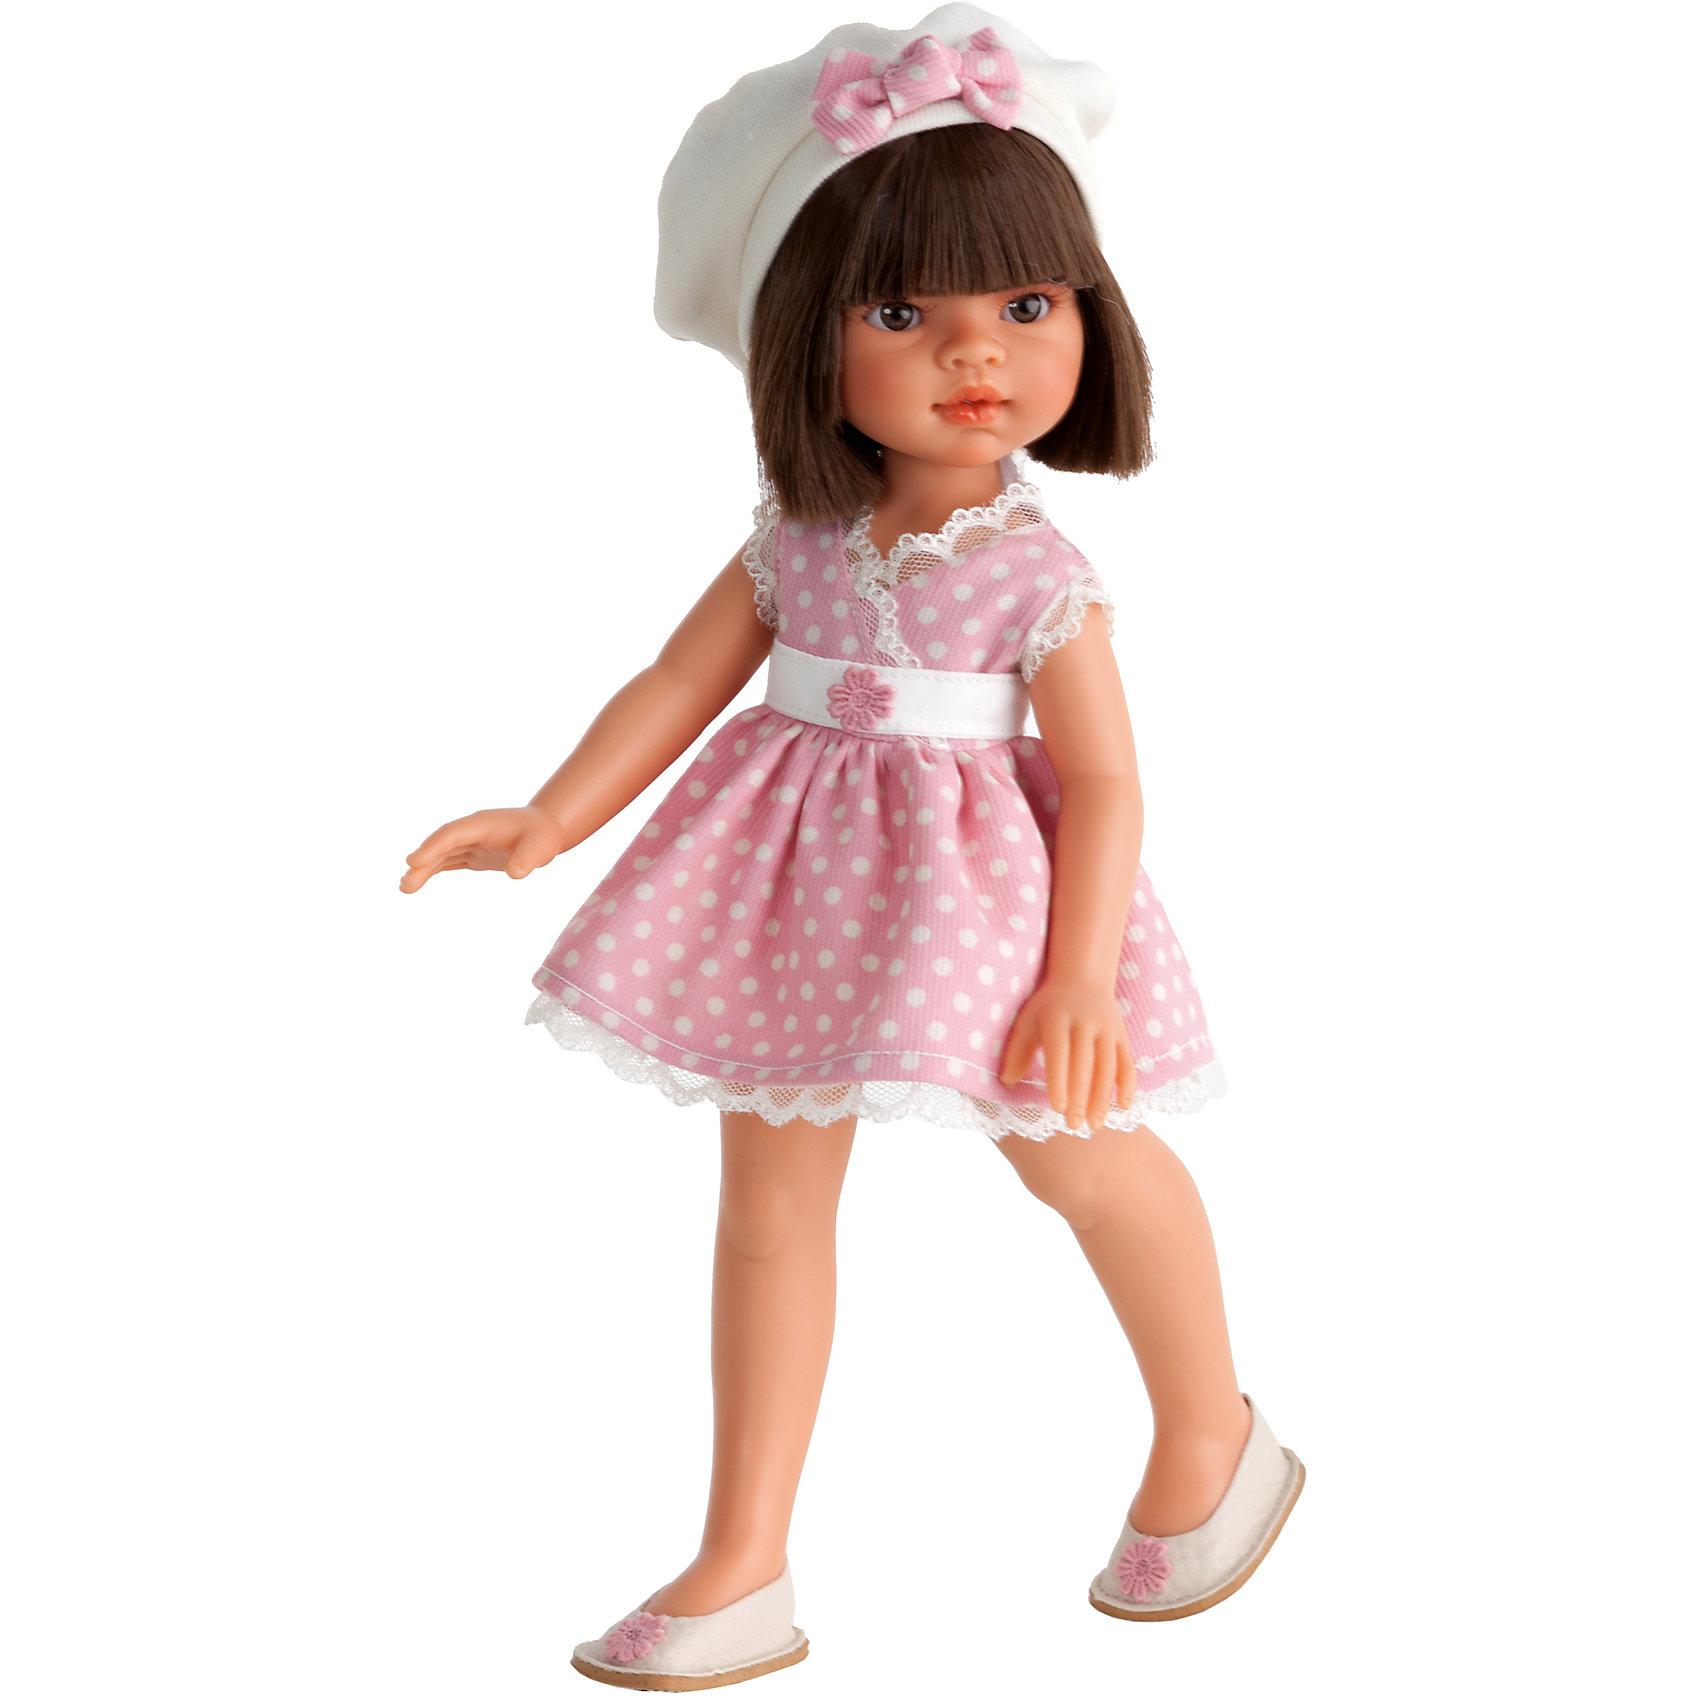 Кукла Эмили, брюнетка, 33 см, Munecas Antonio JuanКлассические куклы<br>Кукла Эмили, брюнетка, 33 см, Munecas Antonio Juan (Мунекас Антонио Хуан) – это красивая кукла в летнем наряде порадует вашу девочку.<br>Очаровательная девочка Эмили - это высококачественная кукла, созданная испанским производителем Мунекас Антонио Хуан. У Эмили грациозная стройная фигура и симпатичное лицо, выполненное с тщательной прорисовкой деталей. Выразительные глазки обрамлены длинными ресницами. Густые шелковистые волосы легко расчесывать и делать различные прически. Руки, ноги и голова куклы подвижны. Глаза не закрываются. Стильный наряд куклы создан испанским дизайнером. Эмили одета в нежно-розовое платьице в белый горошек, изящный беретик с бантиком, а на ножках – красивые белые туфельки с цветочком. Кукла изготовлена из высококачественного винила с добавлением силикона.<br><br>Дополнительная информация:<br><br>- Высота куклы: 33 см.<br>- Материал: текстиль, высококачественный винил, силикон<br>- Упаковка: подарочная коробка<br>- Размер упаковки: 39х24,5х9,5 см.<br>- Вес: 683 гр.<br><br>Куклу Эмили, брюнетку, 33 см, Munecas Antonio Juan (Мунекас Антонио Хуан) можно купить в нашем интернет-магазине.<br><br>Ширина мм: 390<br>Глубина мм: 245<br>Высота мм: 95<br>Вес г: 683<br>Возраст от месяцев: 36<br>Возраст до месяцев: 84<br>Пол: Женский<br>Возраст: Детский<br>SKU: 4558041